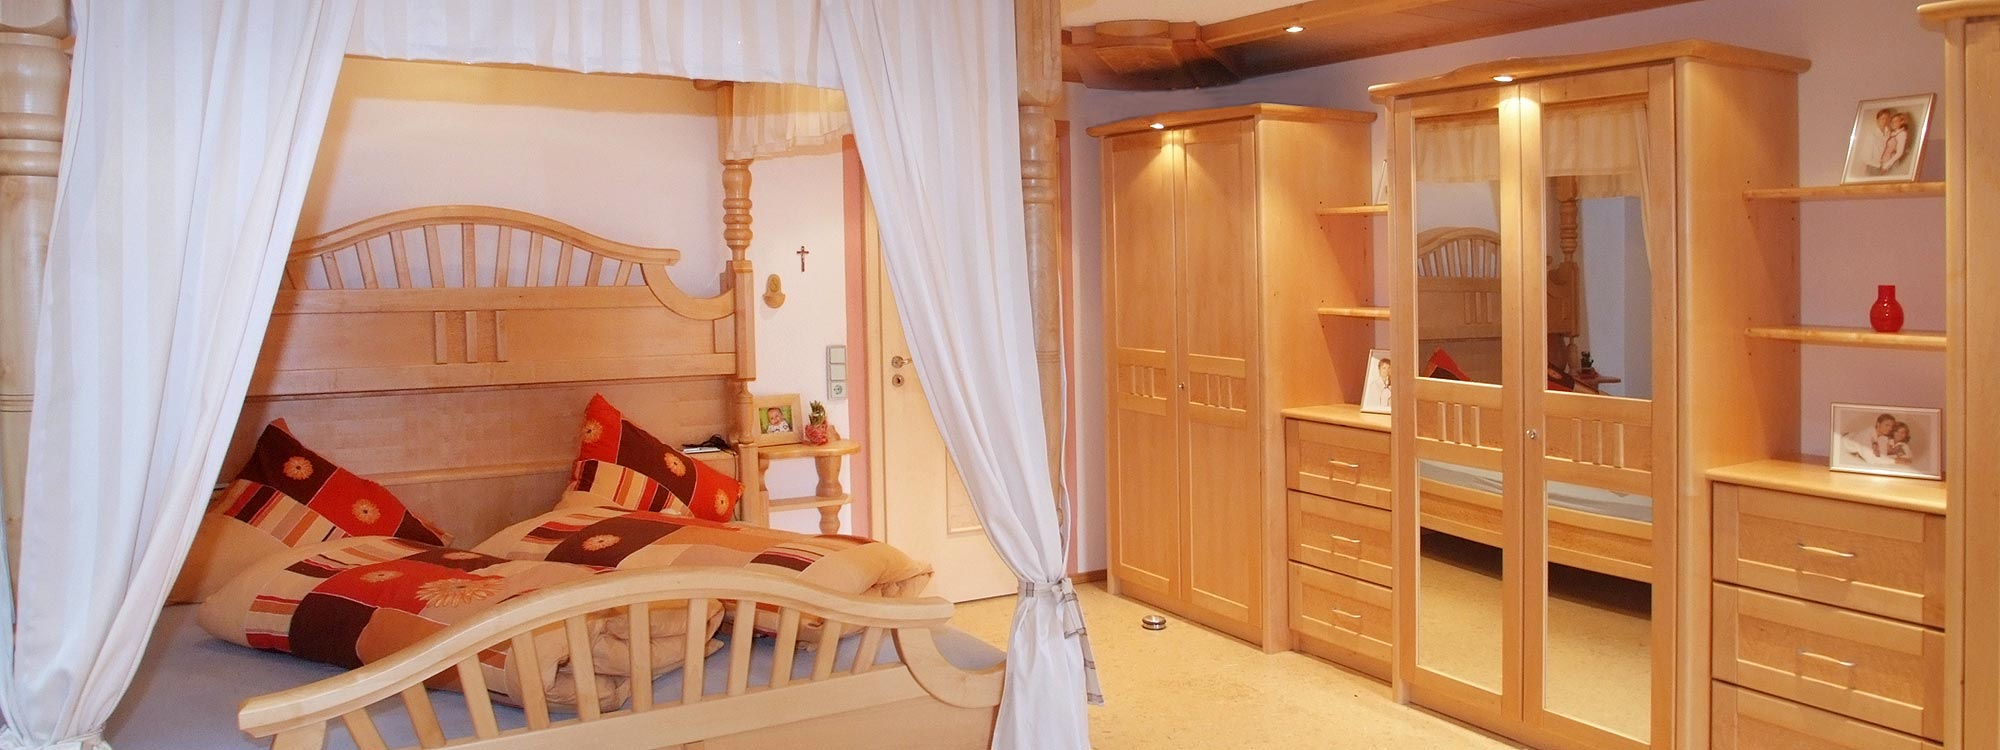 schlafzimmer_001.jpg